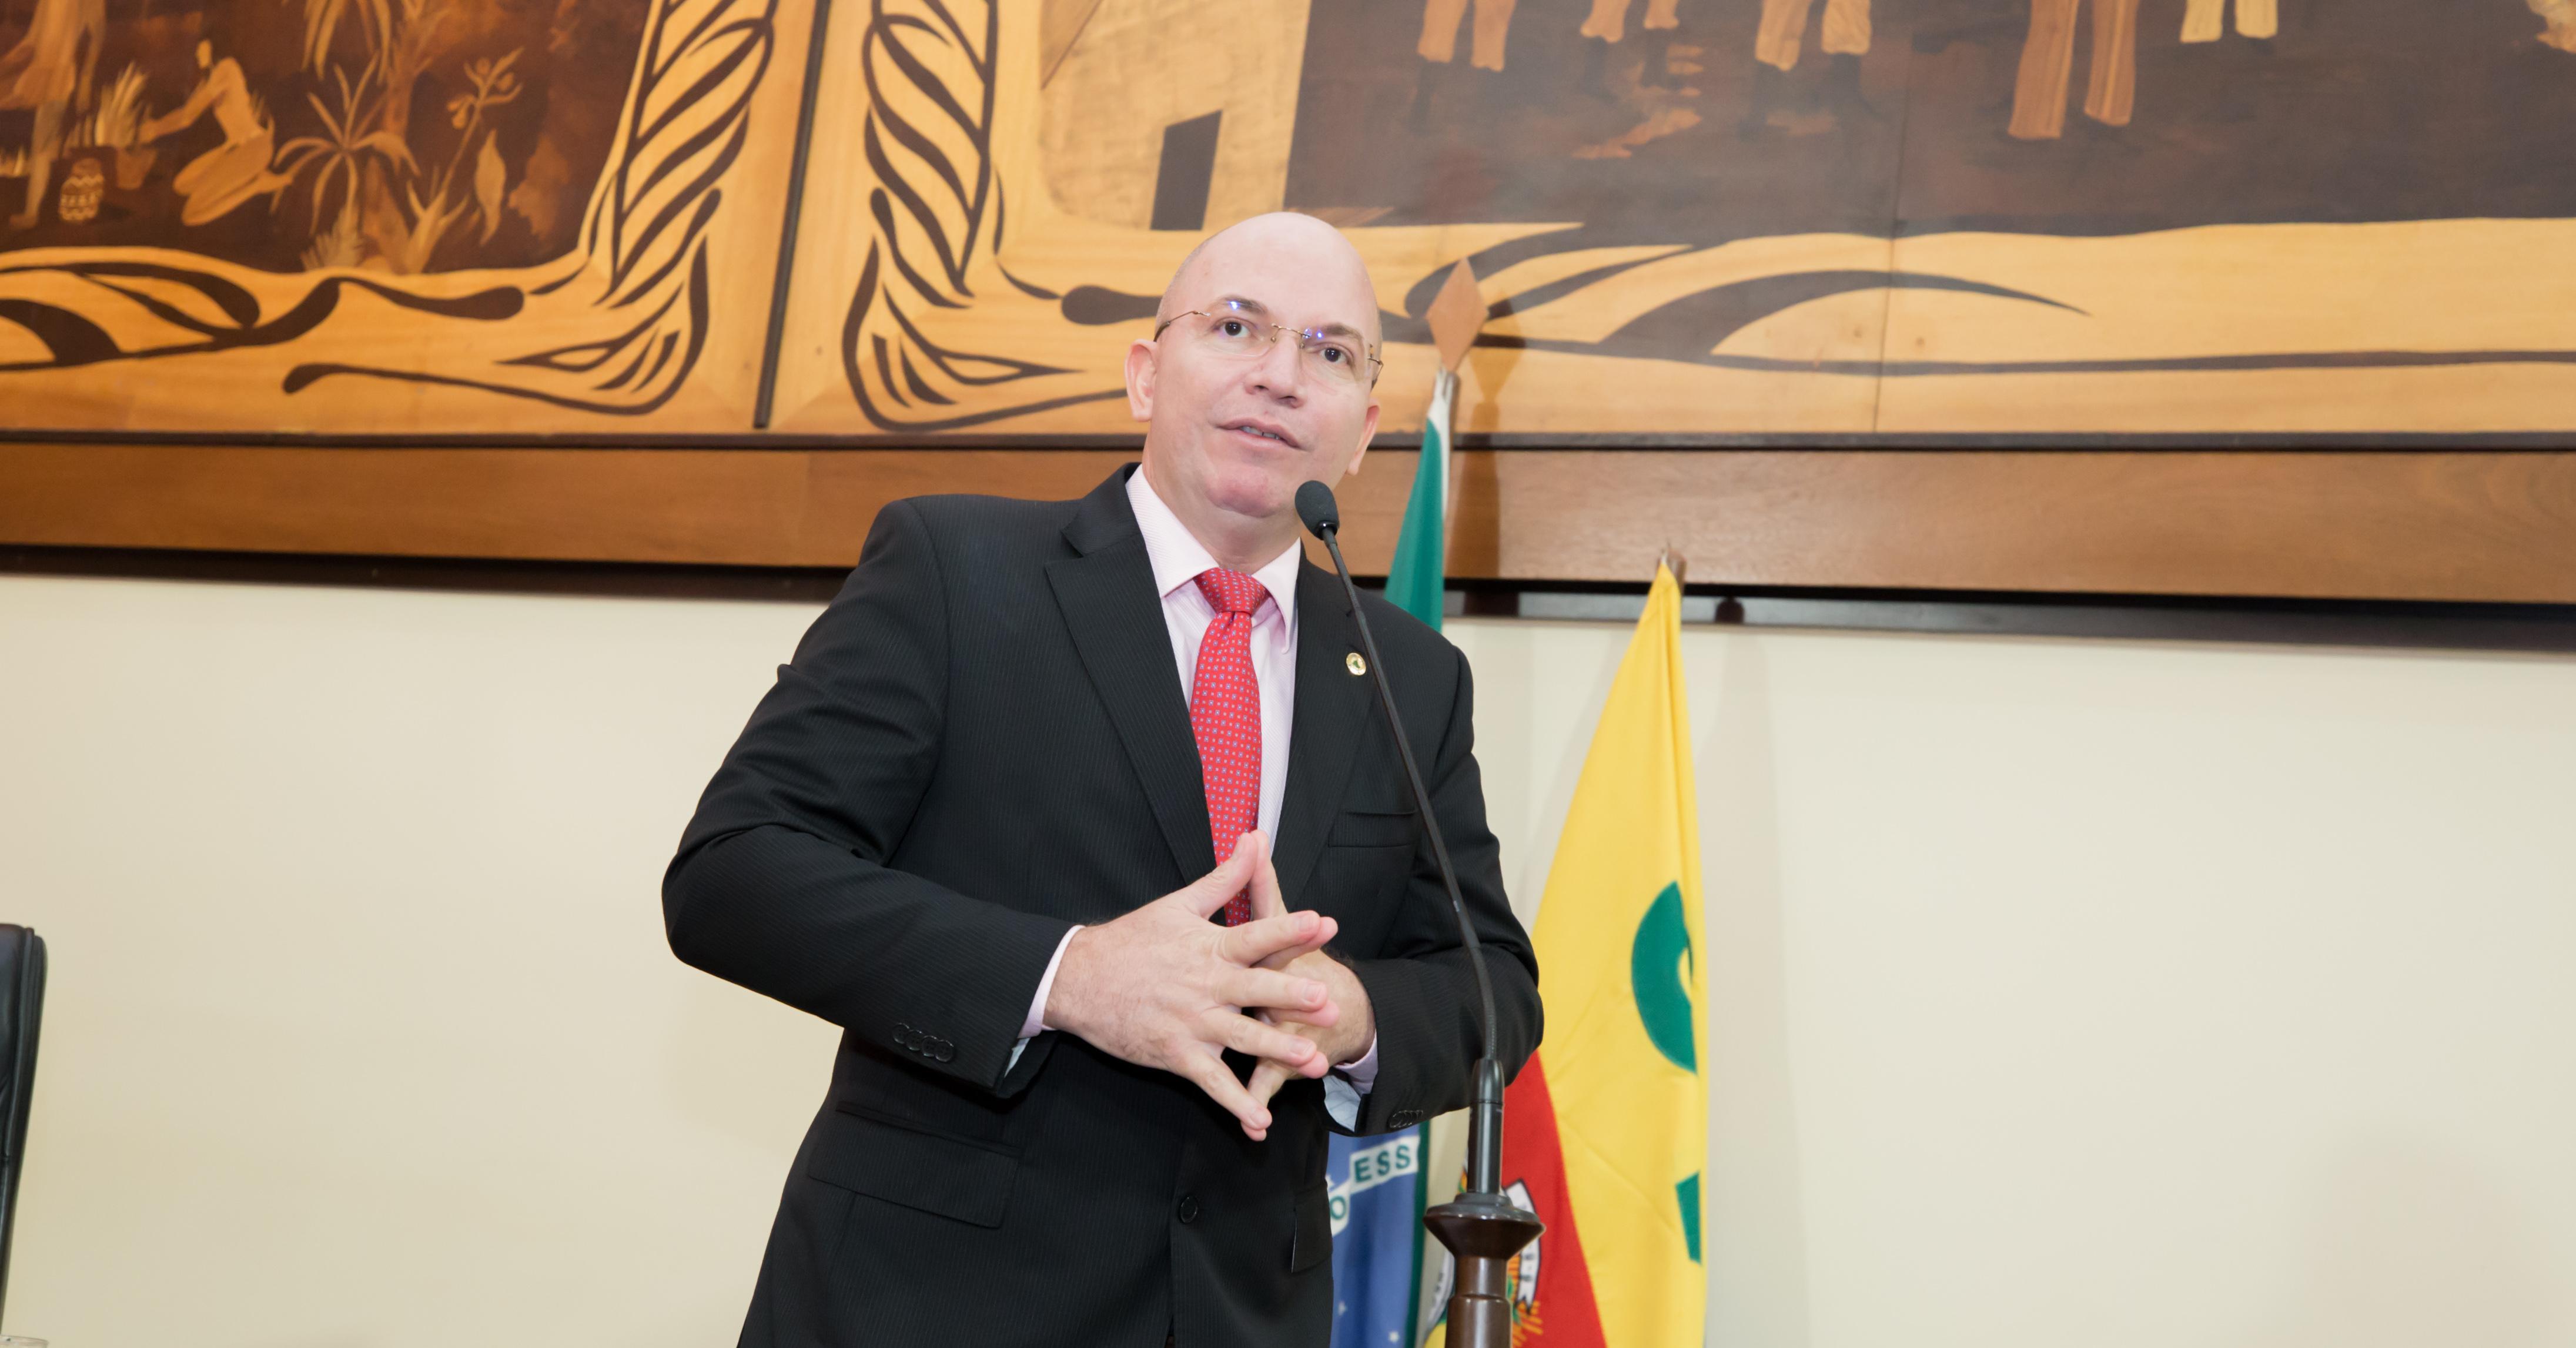 """Sobre fechamento de estabelecimentos Gerlen Diniz afirma: """"o governador foi obrigado a tomar essa decisão"""""""